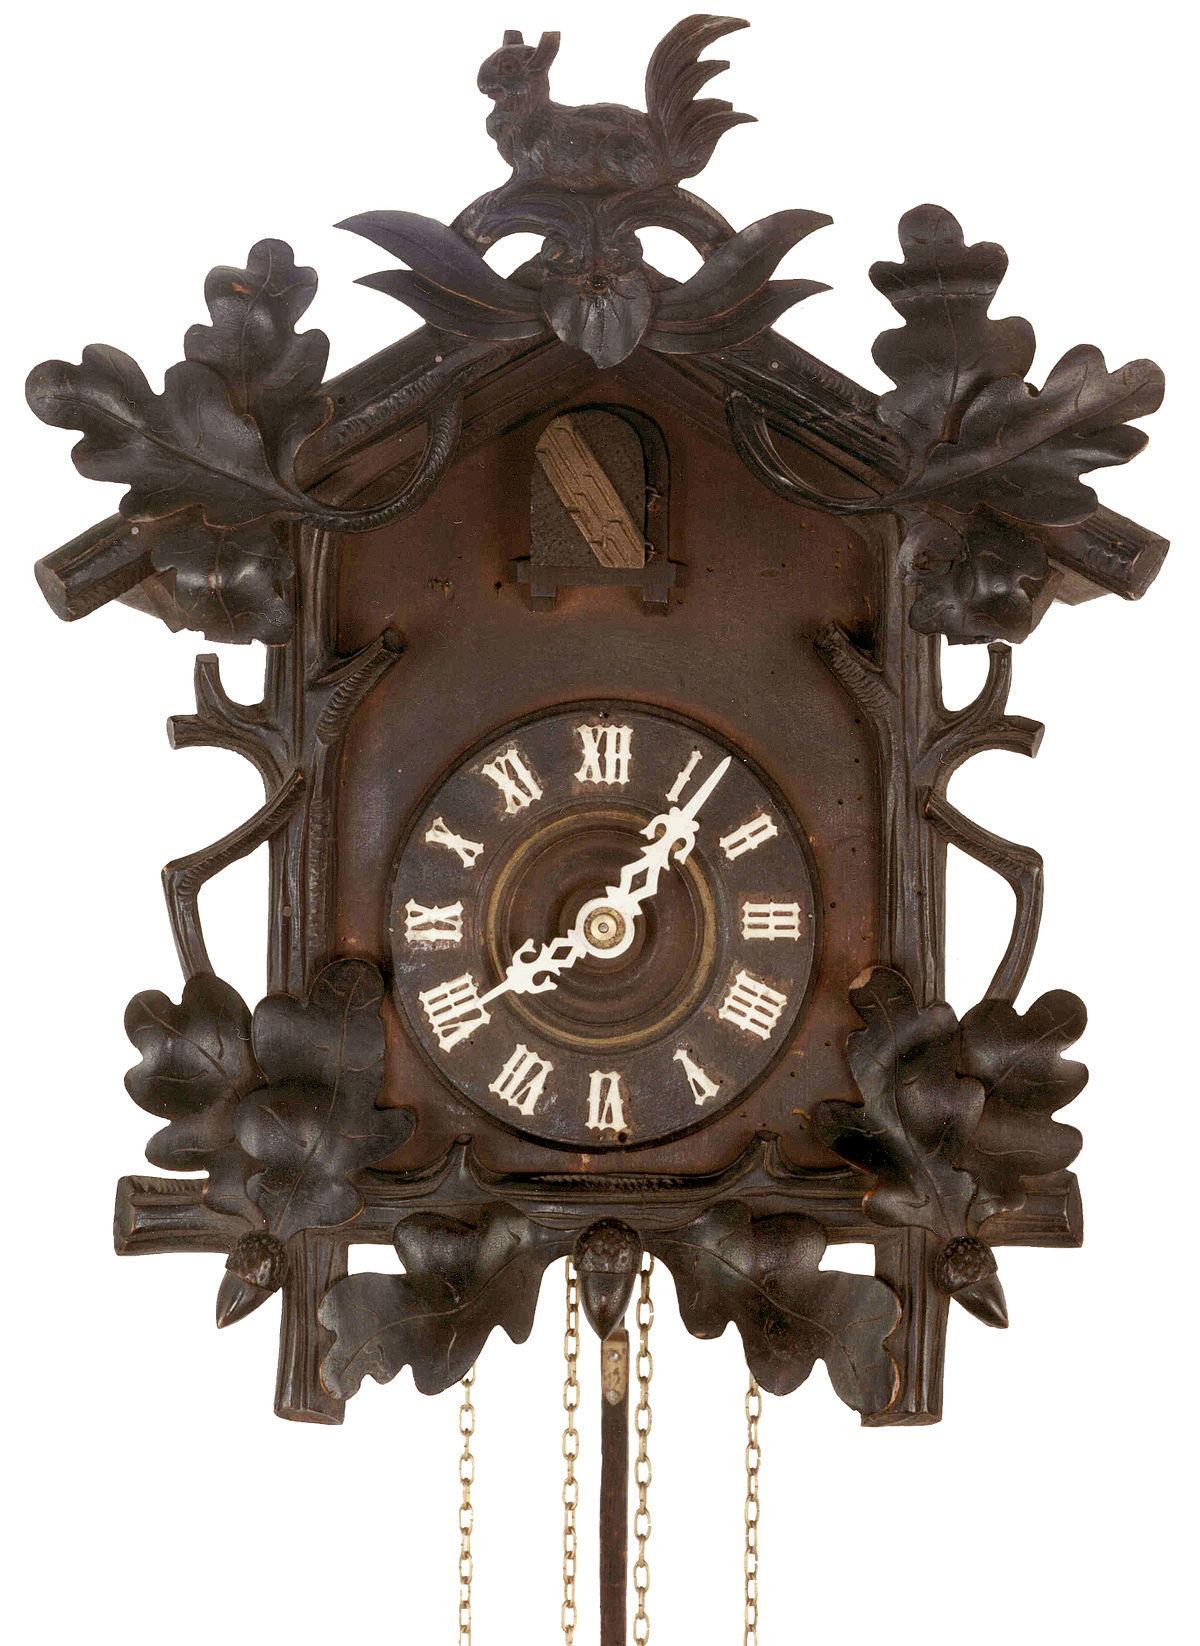 608f64005449 Часы с кукушкой — Википедия